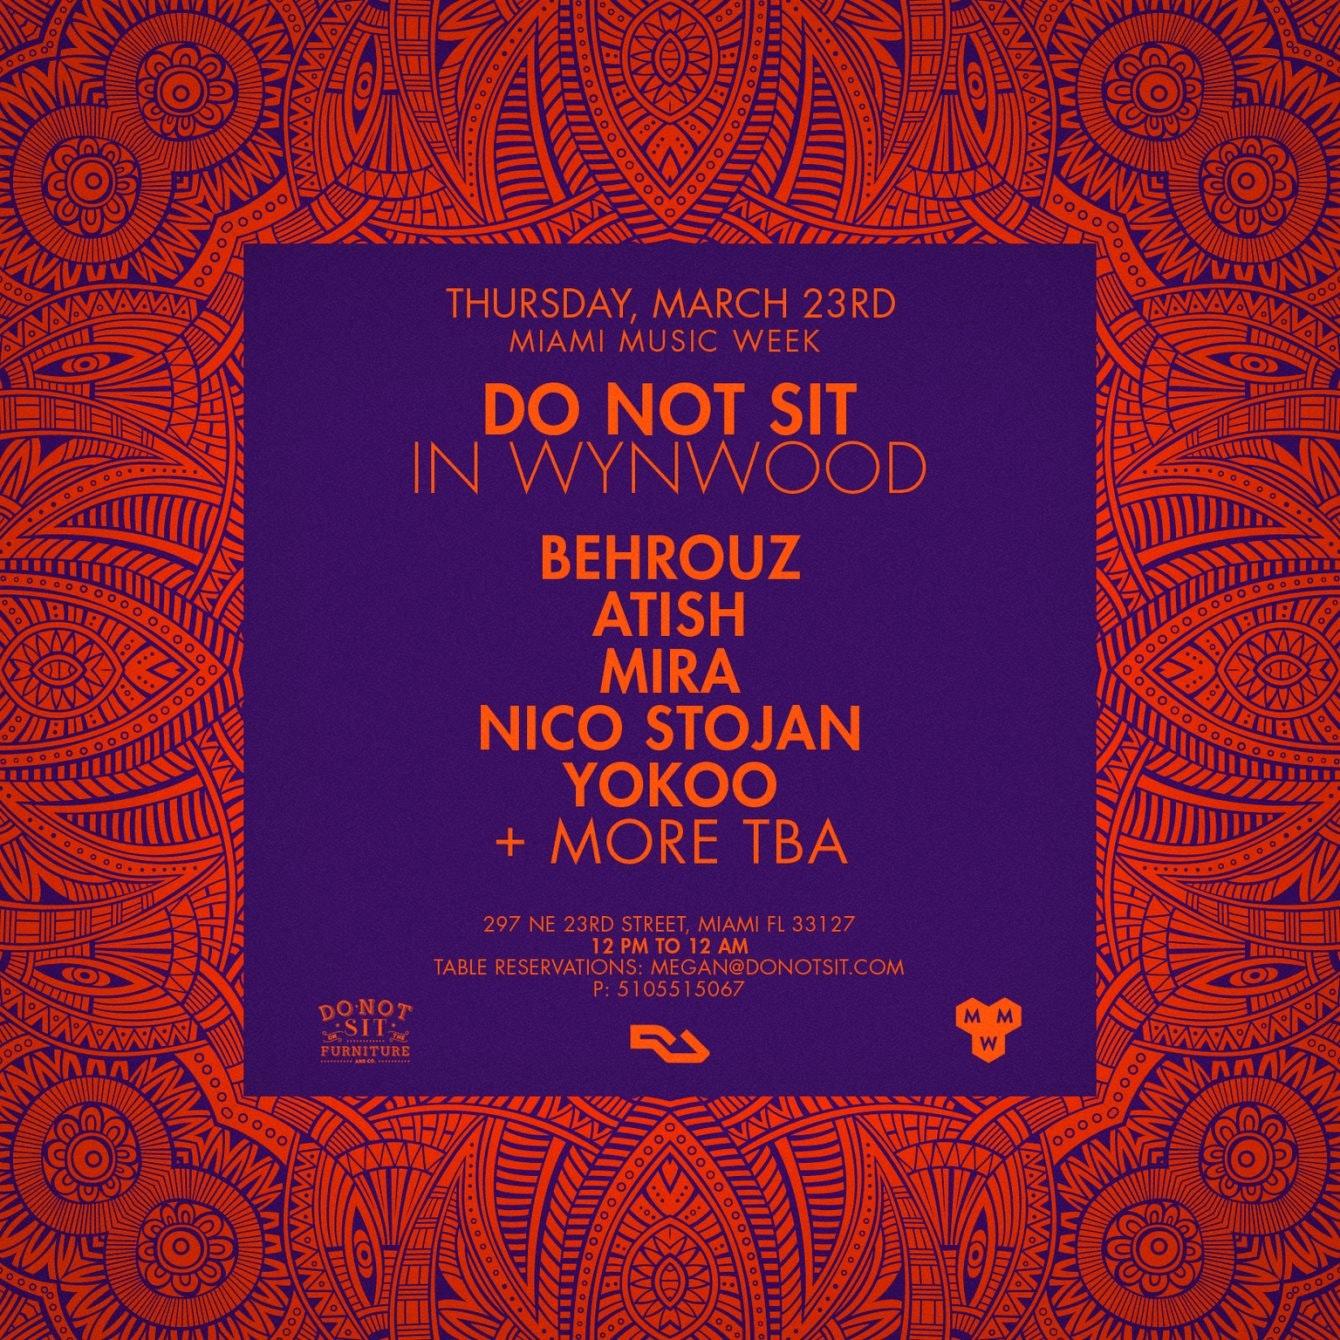 Do Not Sit In Wynwood w/ Atish